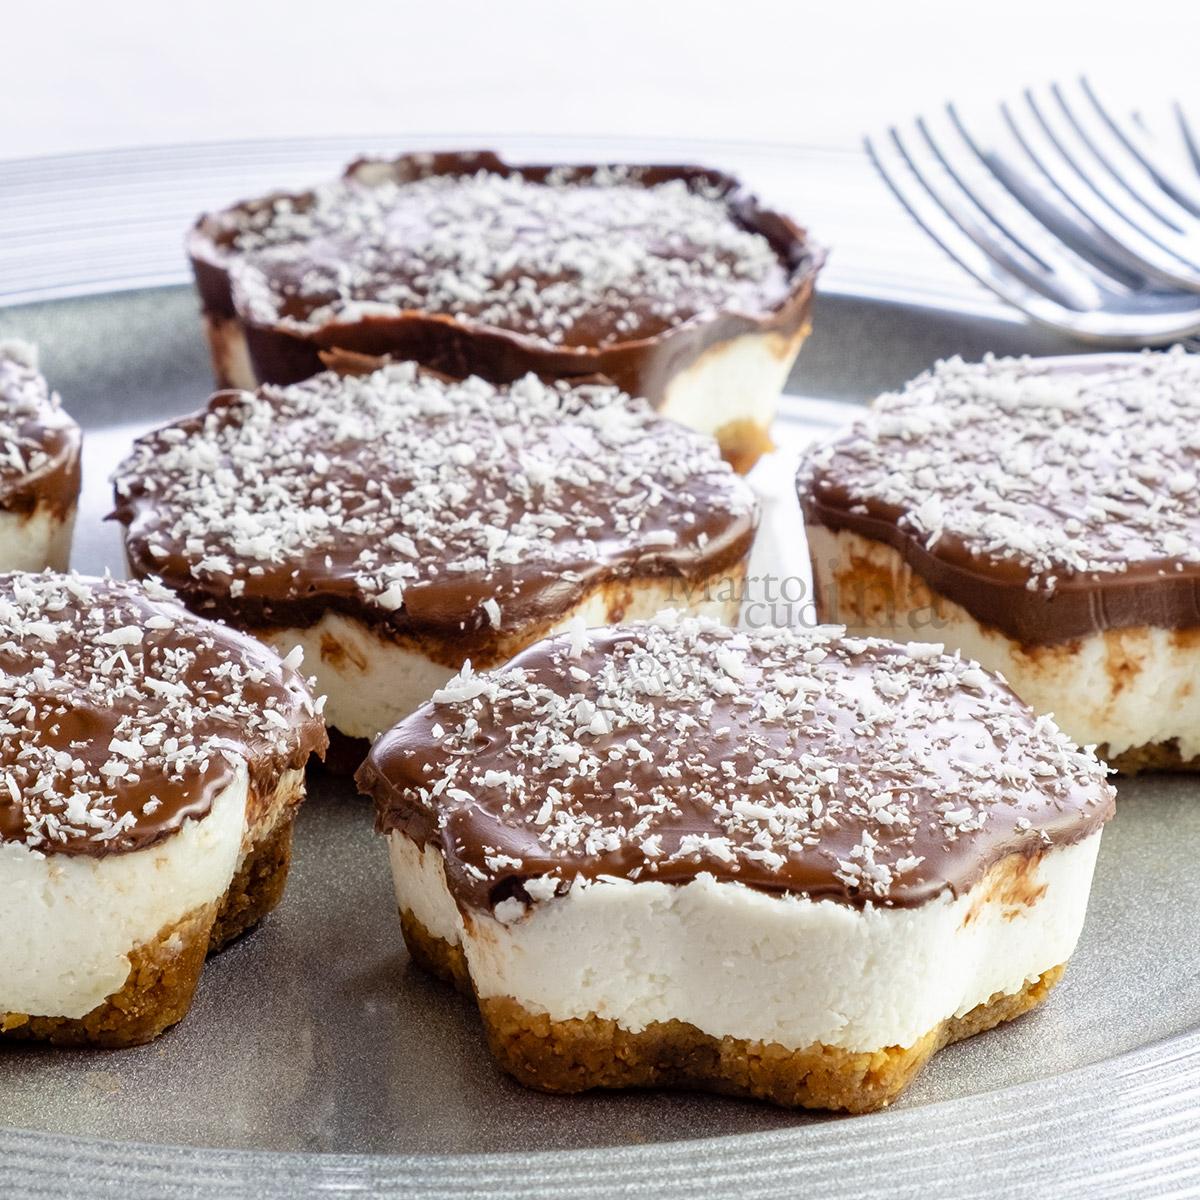 ingredienti cheesecake cocco e Nutella